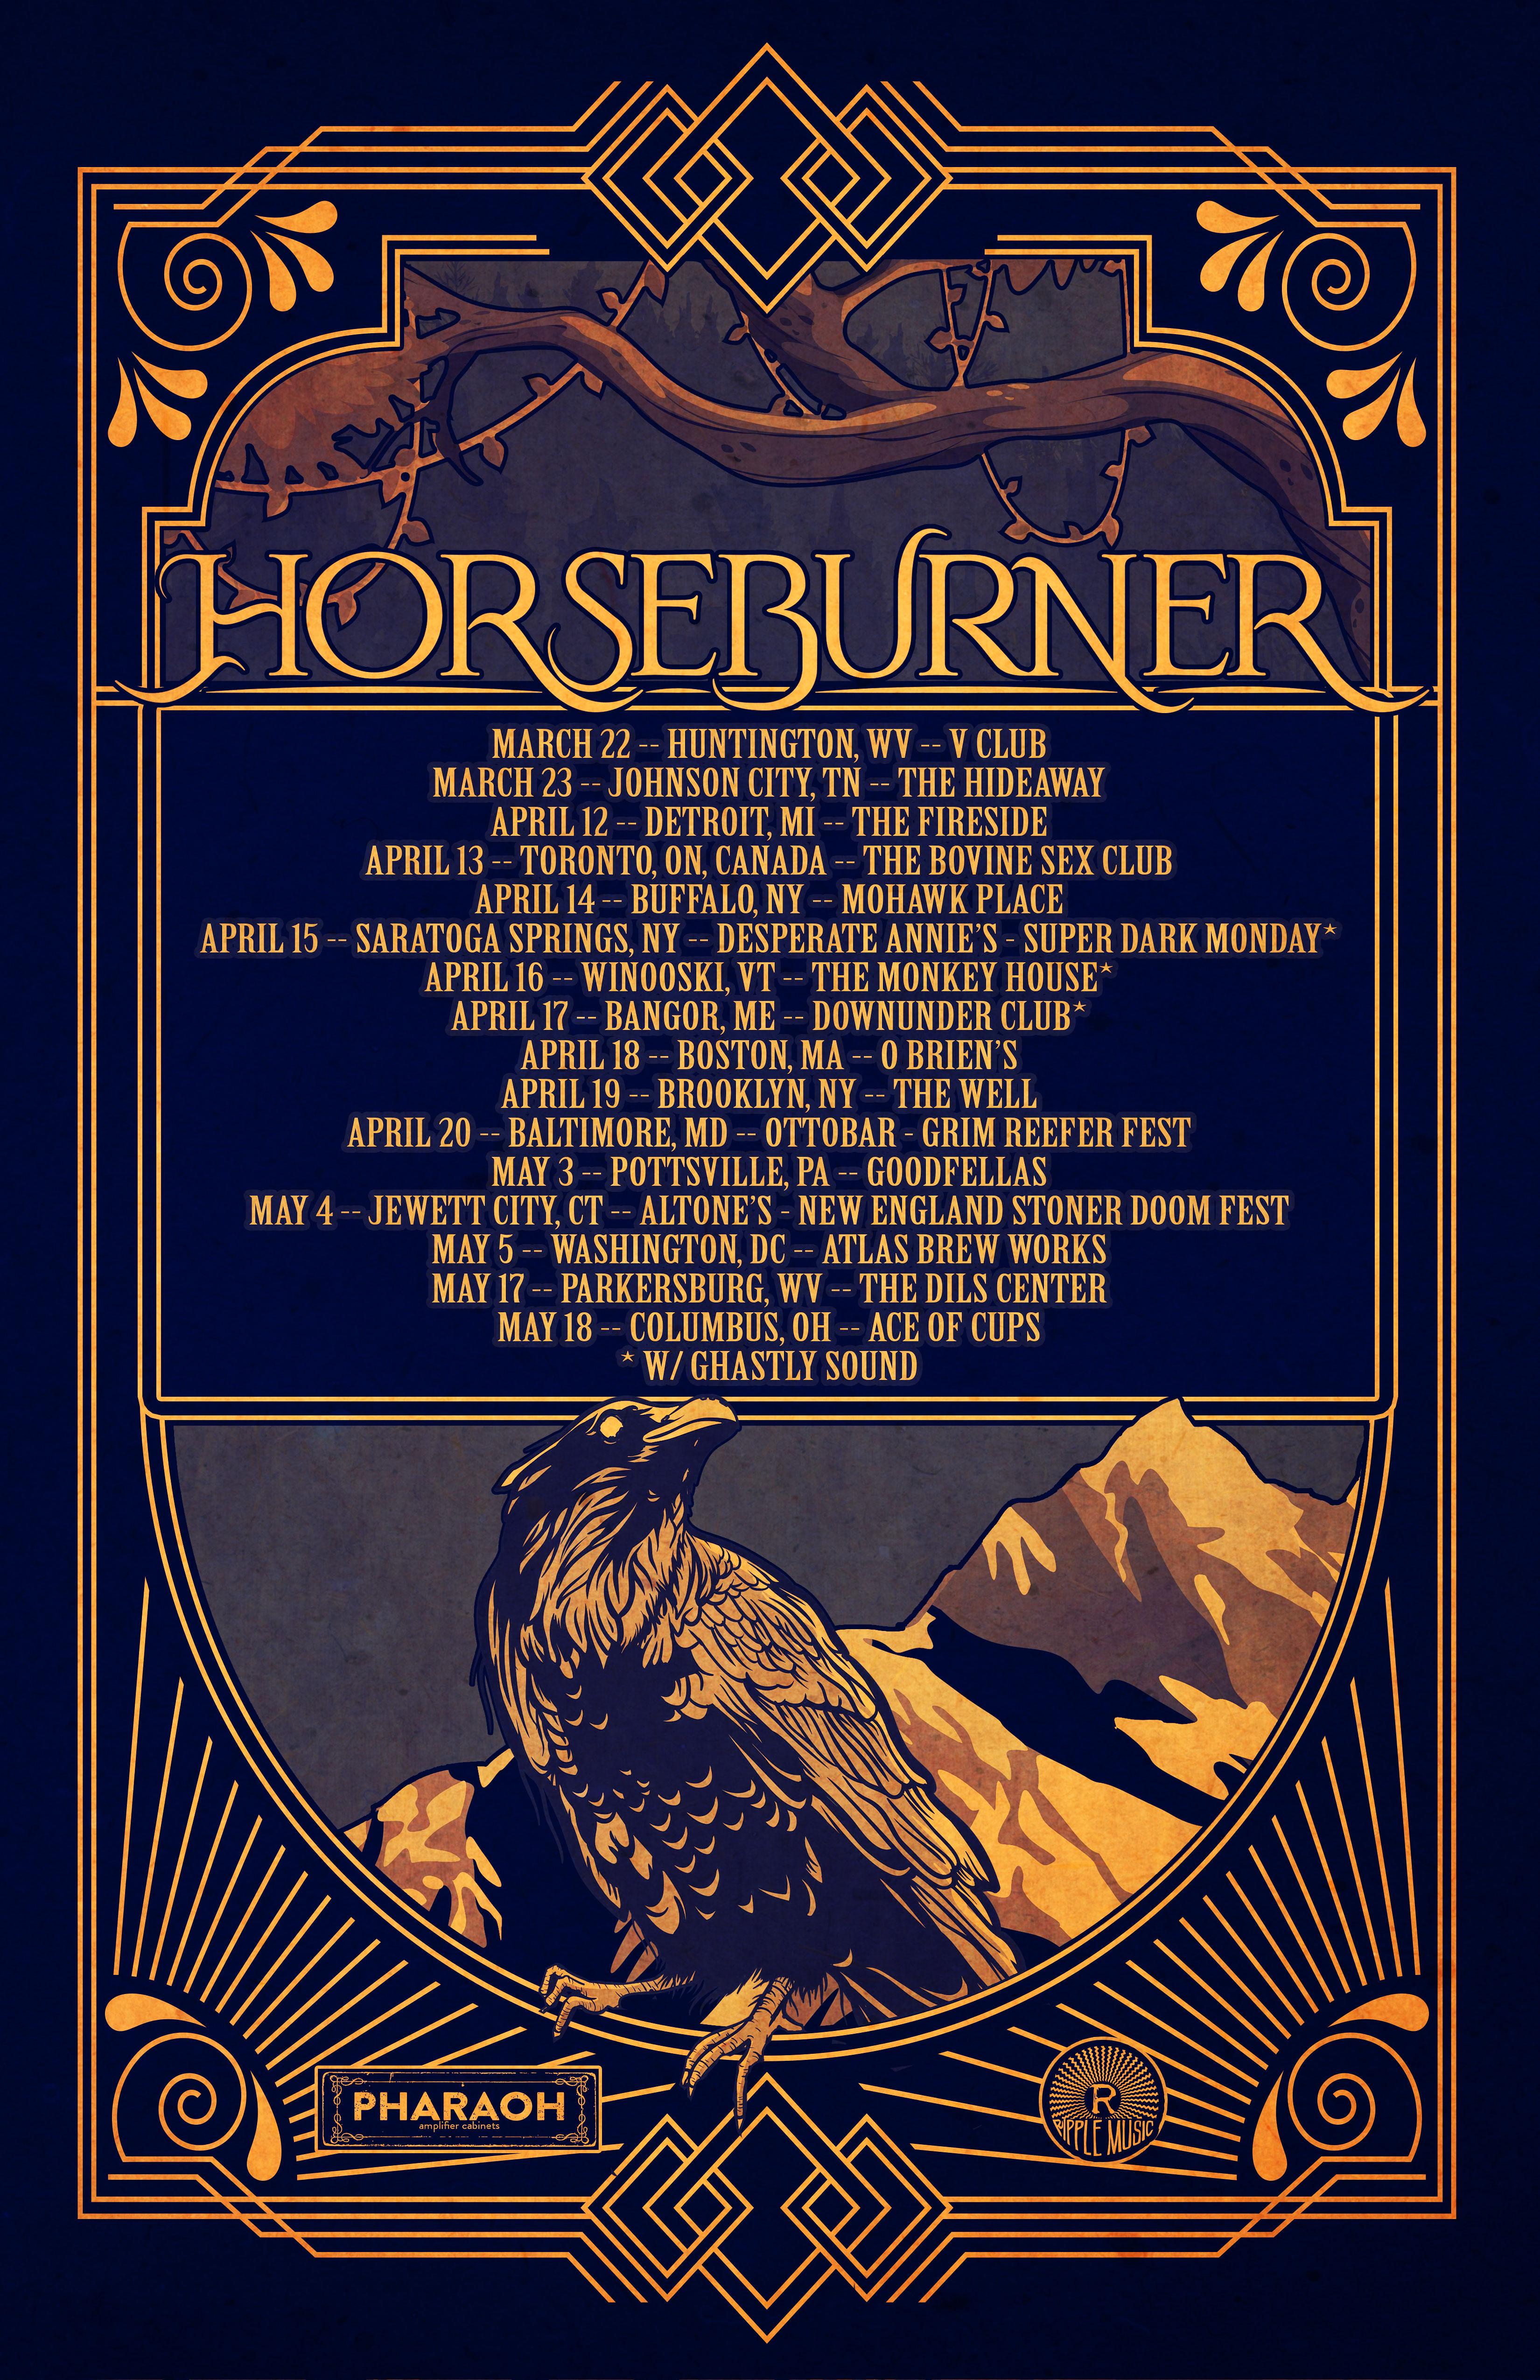 horseburner-tour-spring-2019